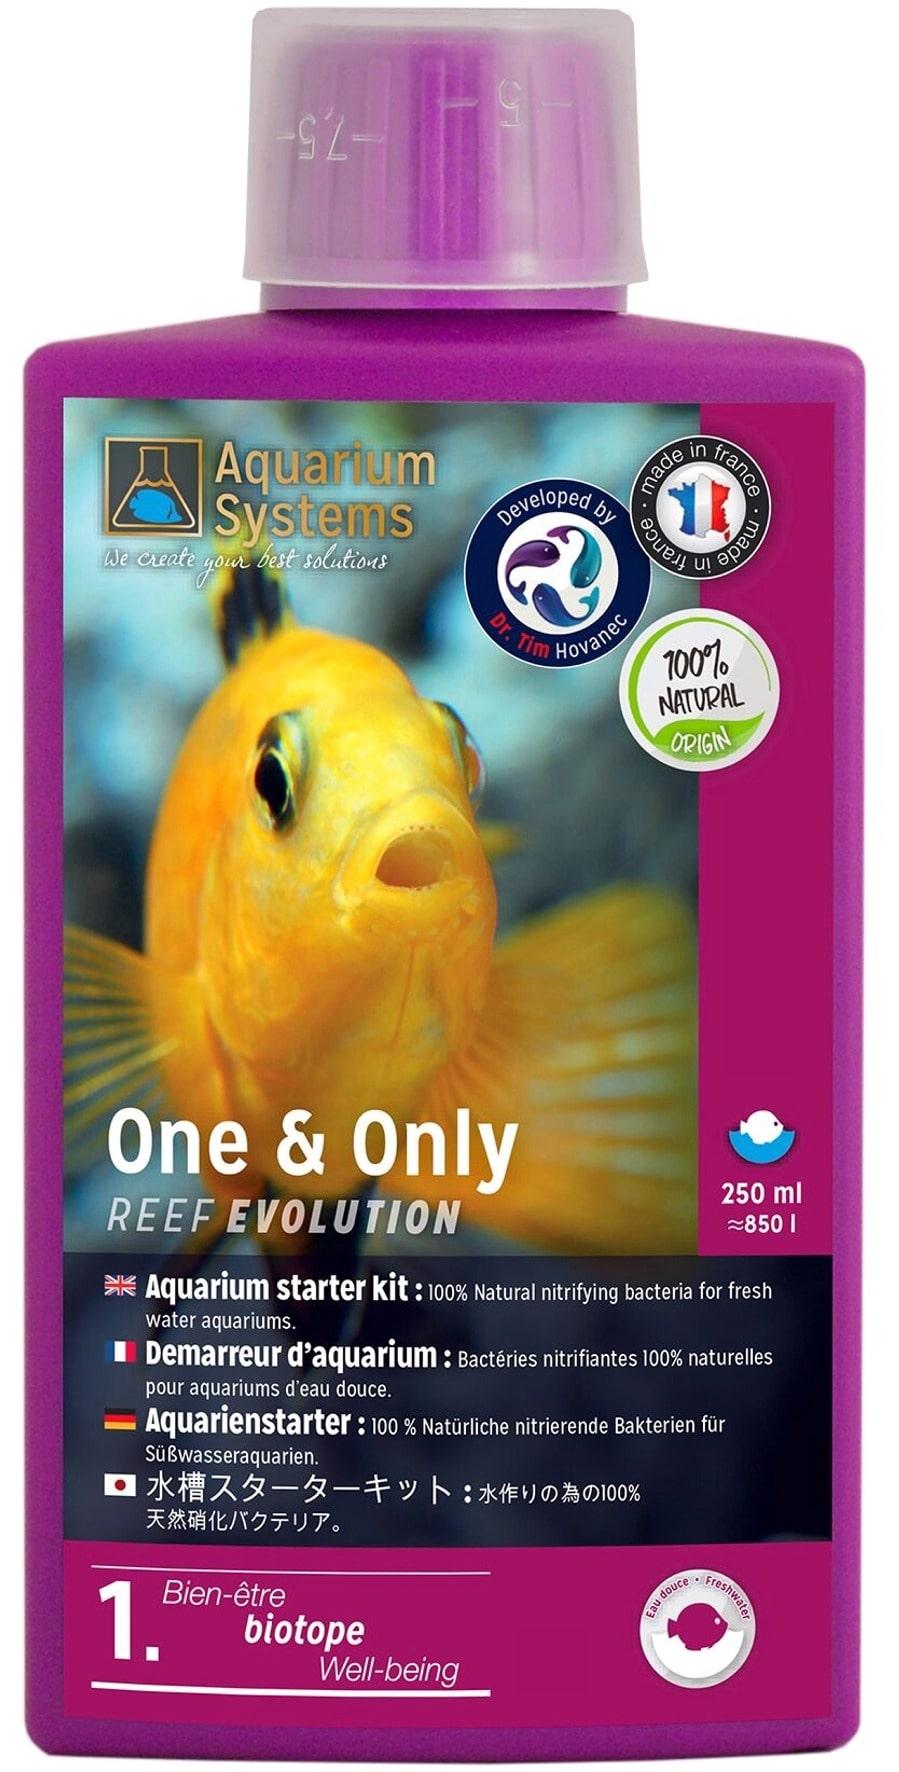 AQUARIUM SYSTEMS One & Only Eau Douce 250 ml contient 100% de bactéries nitrifiantes pour réguler l\'ammoniaque et le nitrite